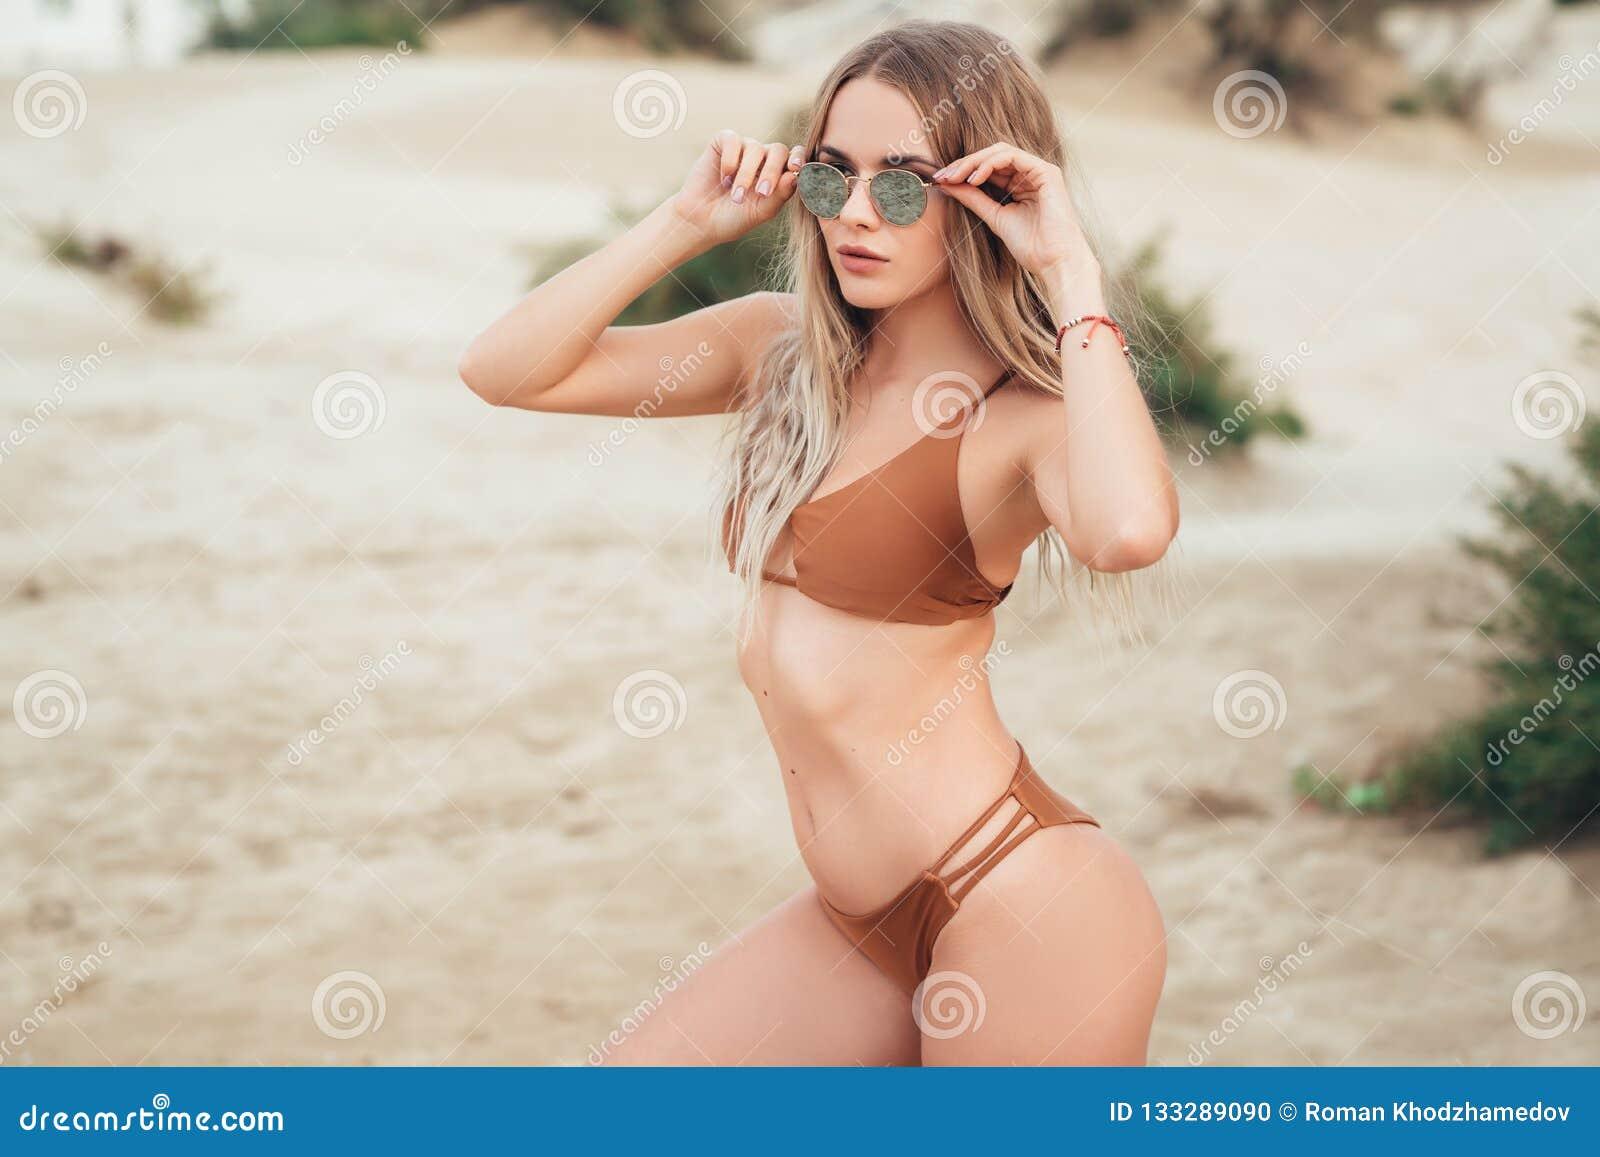 Красивое и сексуальное тело девушек